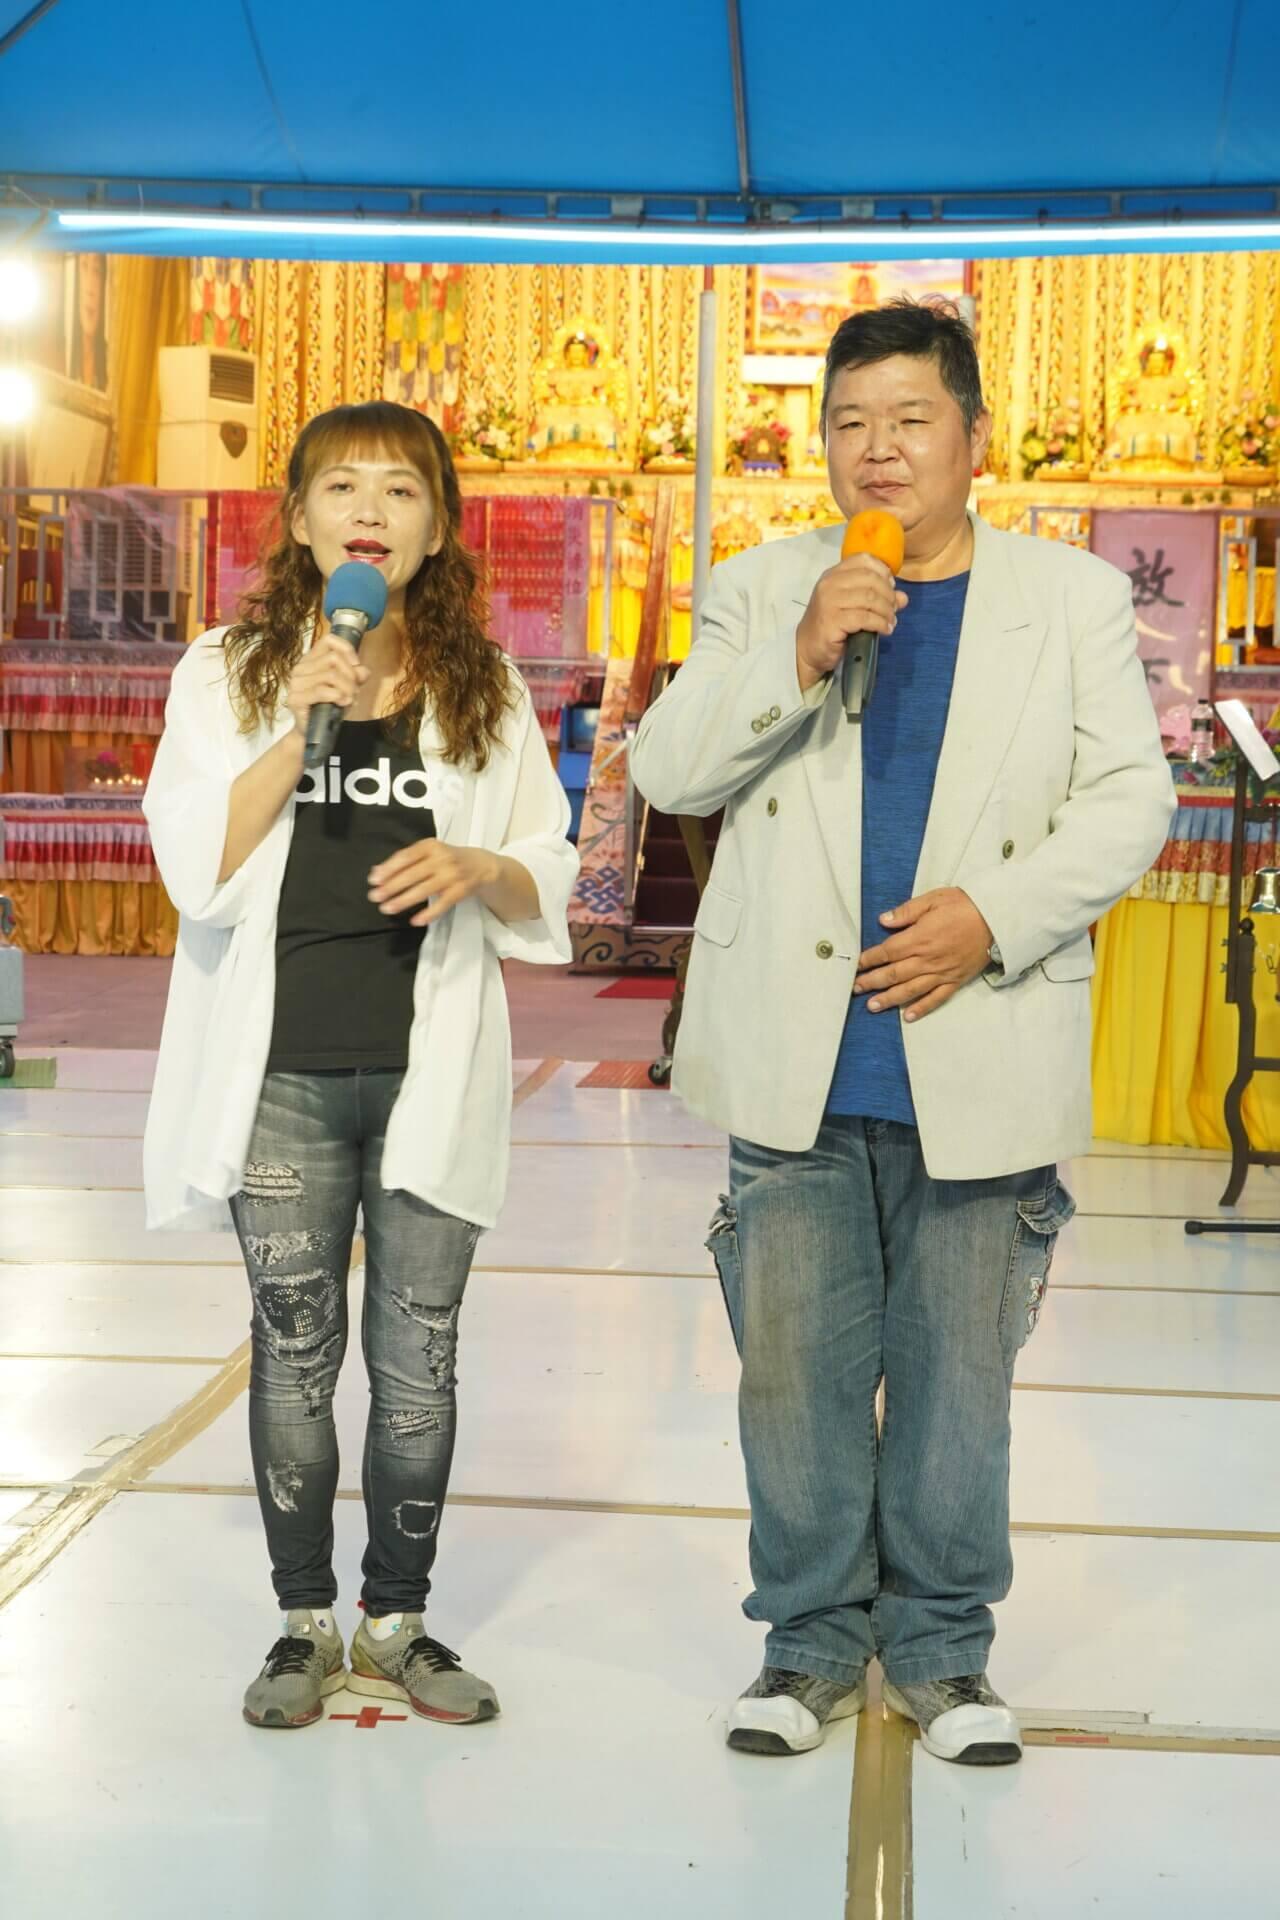 行動佛殿 樂藝供佛 高雄市愛的歌聲關懷協會